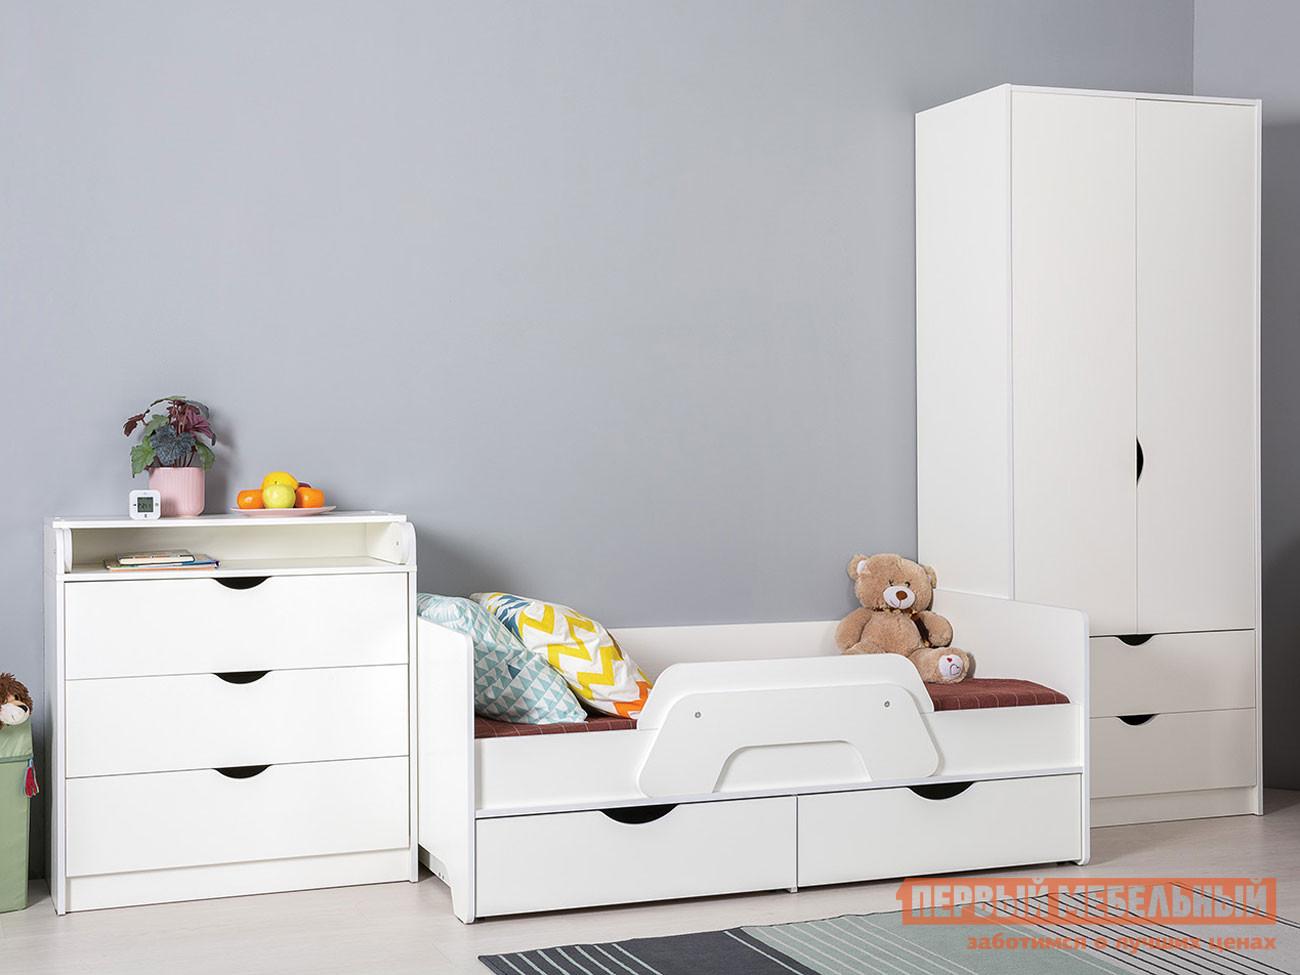 комплект детской мебели первый мебельный жили были k1 Комплект детской мебели Первый Мебельный Комплект детской мебели Уна